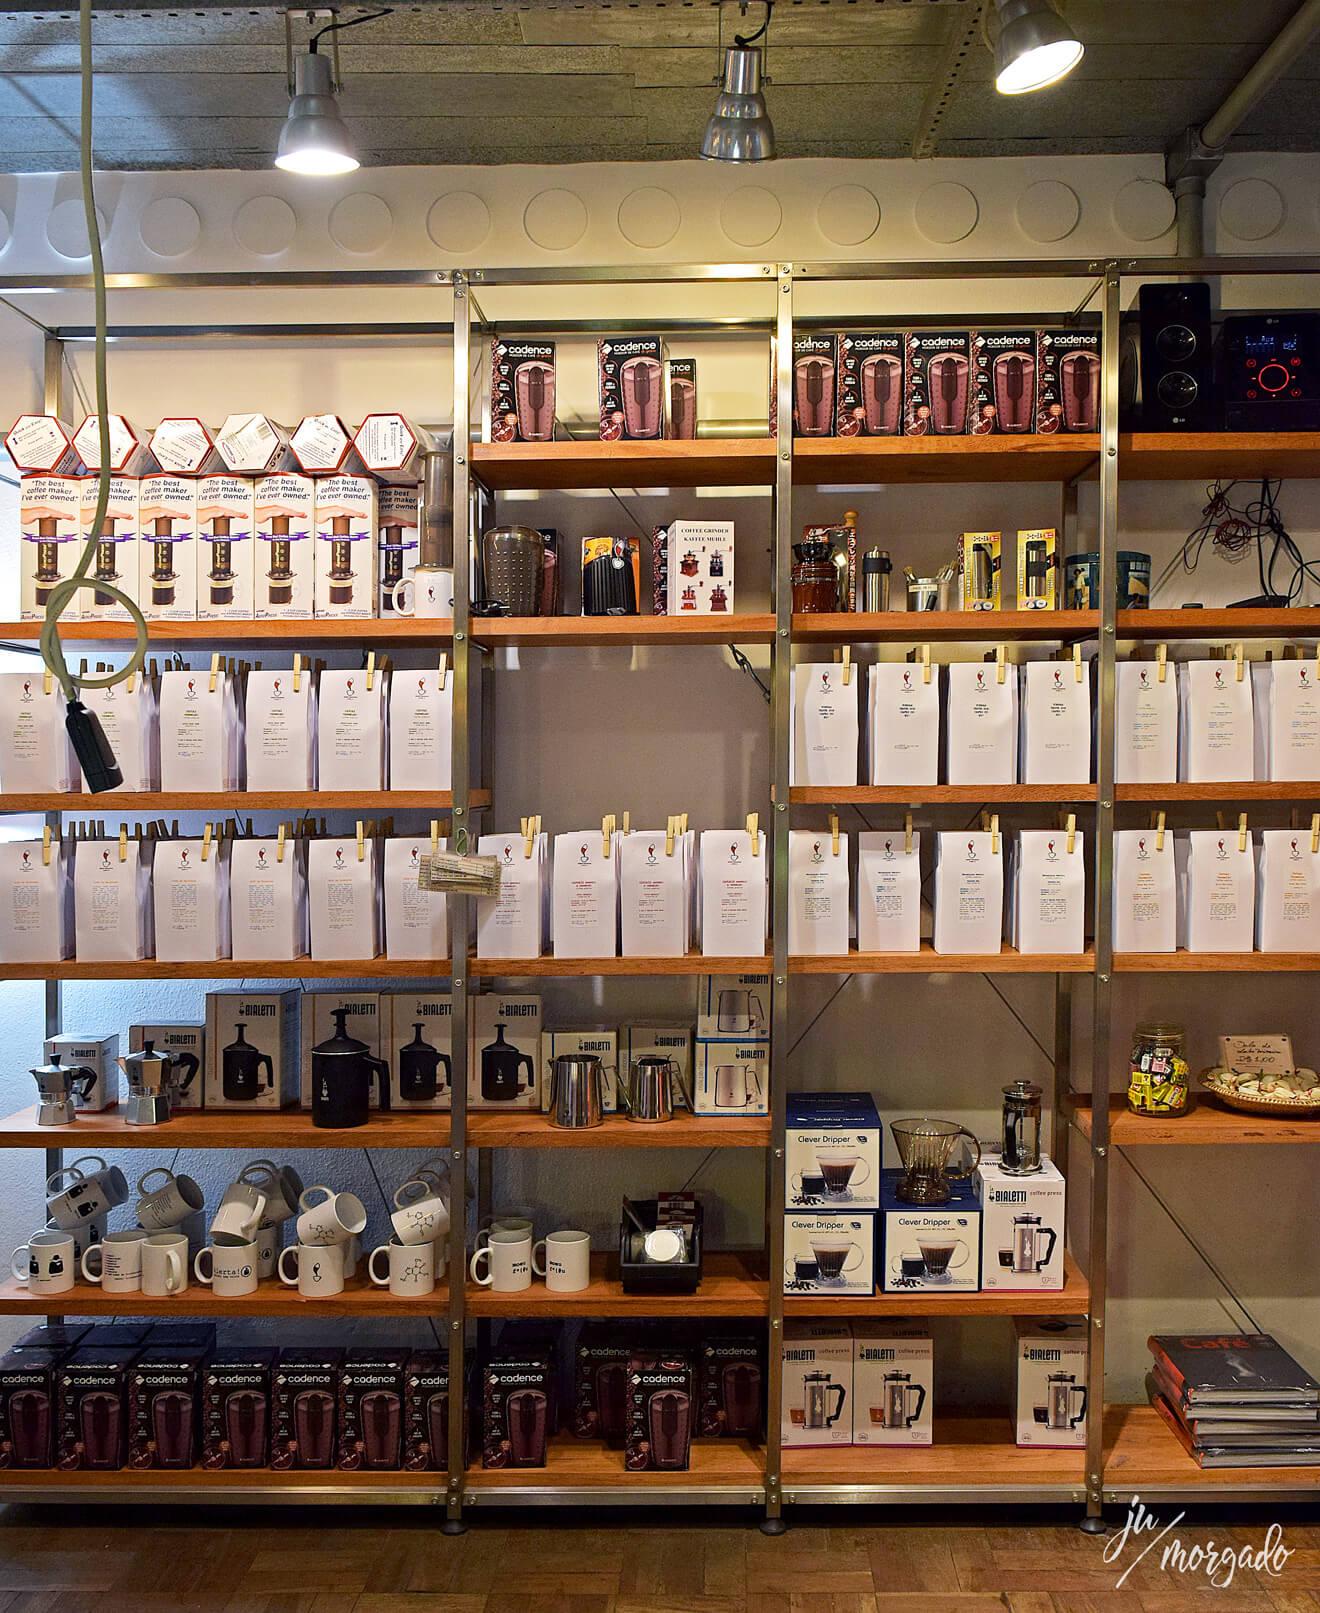 Vendinha de produtos do Coffee Lab da Raposeiras em São Paulo.